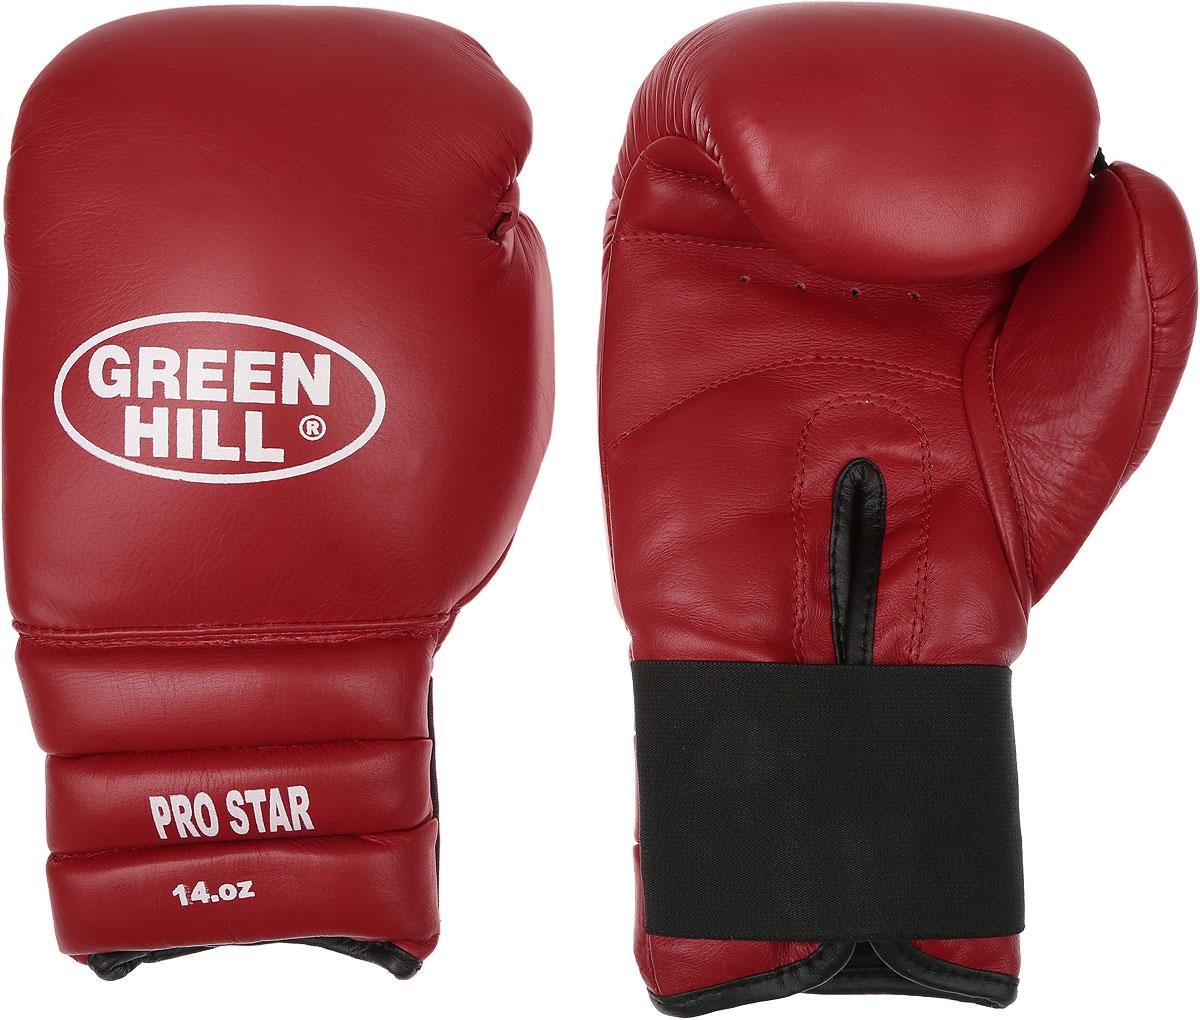 Перчатки боксерские Green Hill Pro Star, цвет: красный, белый. Вес 14 унций. BGPS-2012BGG-2018Тренировочные боксерские перчатки Green Hill Pro Star отлично подойдут для спаррингов. Верх выполнен из натуральной кожи, наполнитель - из вспененного полимера. Отверстие в области ладони позволяет создать максимально комфортный терморежим во время занятий. Удлиненный сегментированный манжет способствует быстрому и удобному надеванию перчаток, плотно фиксирует их на руке.